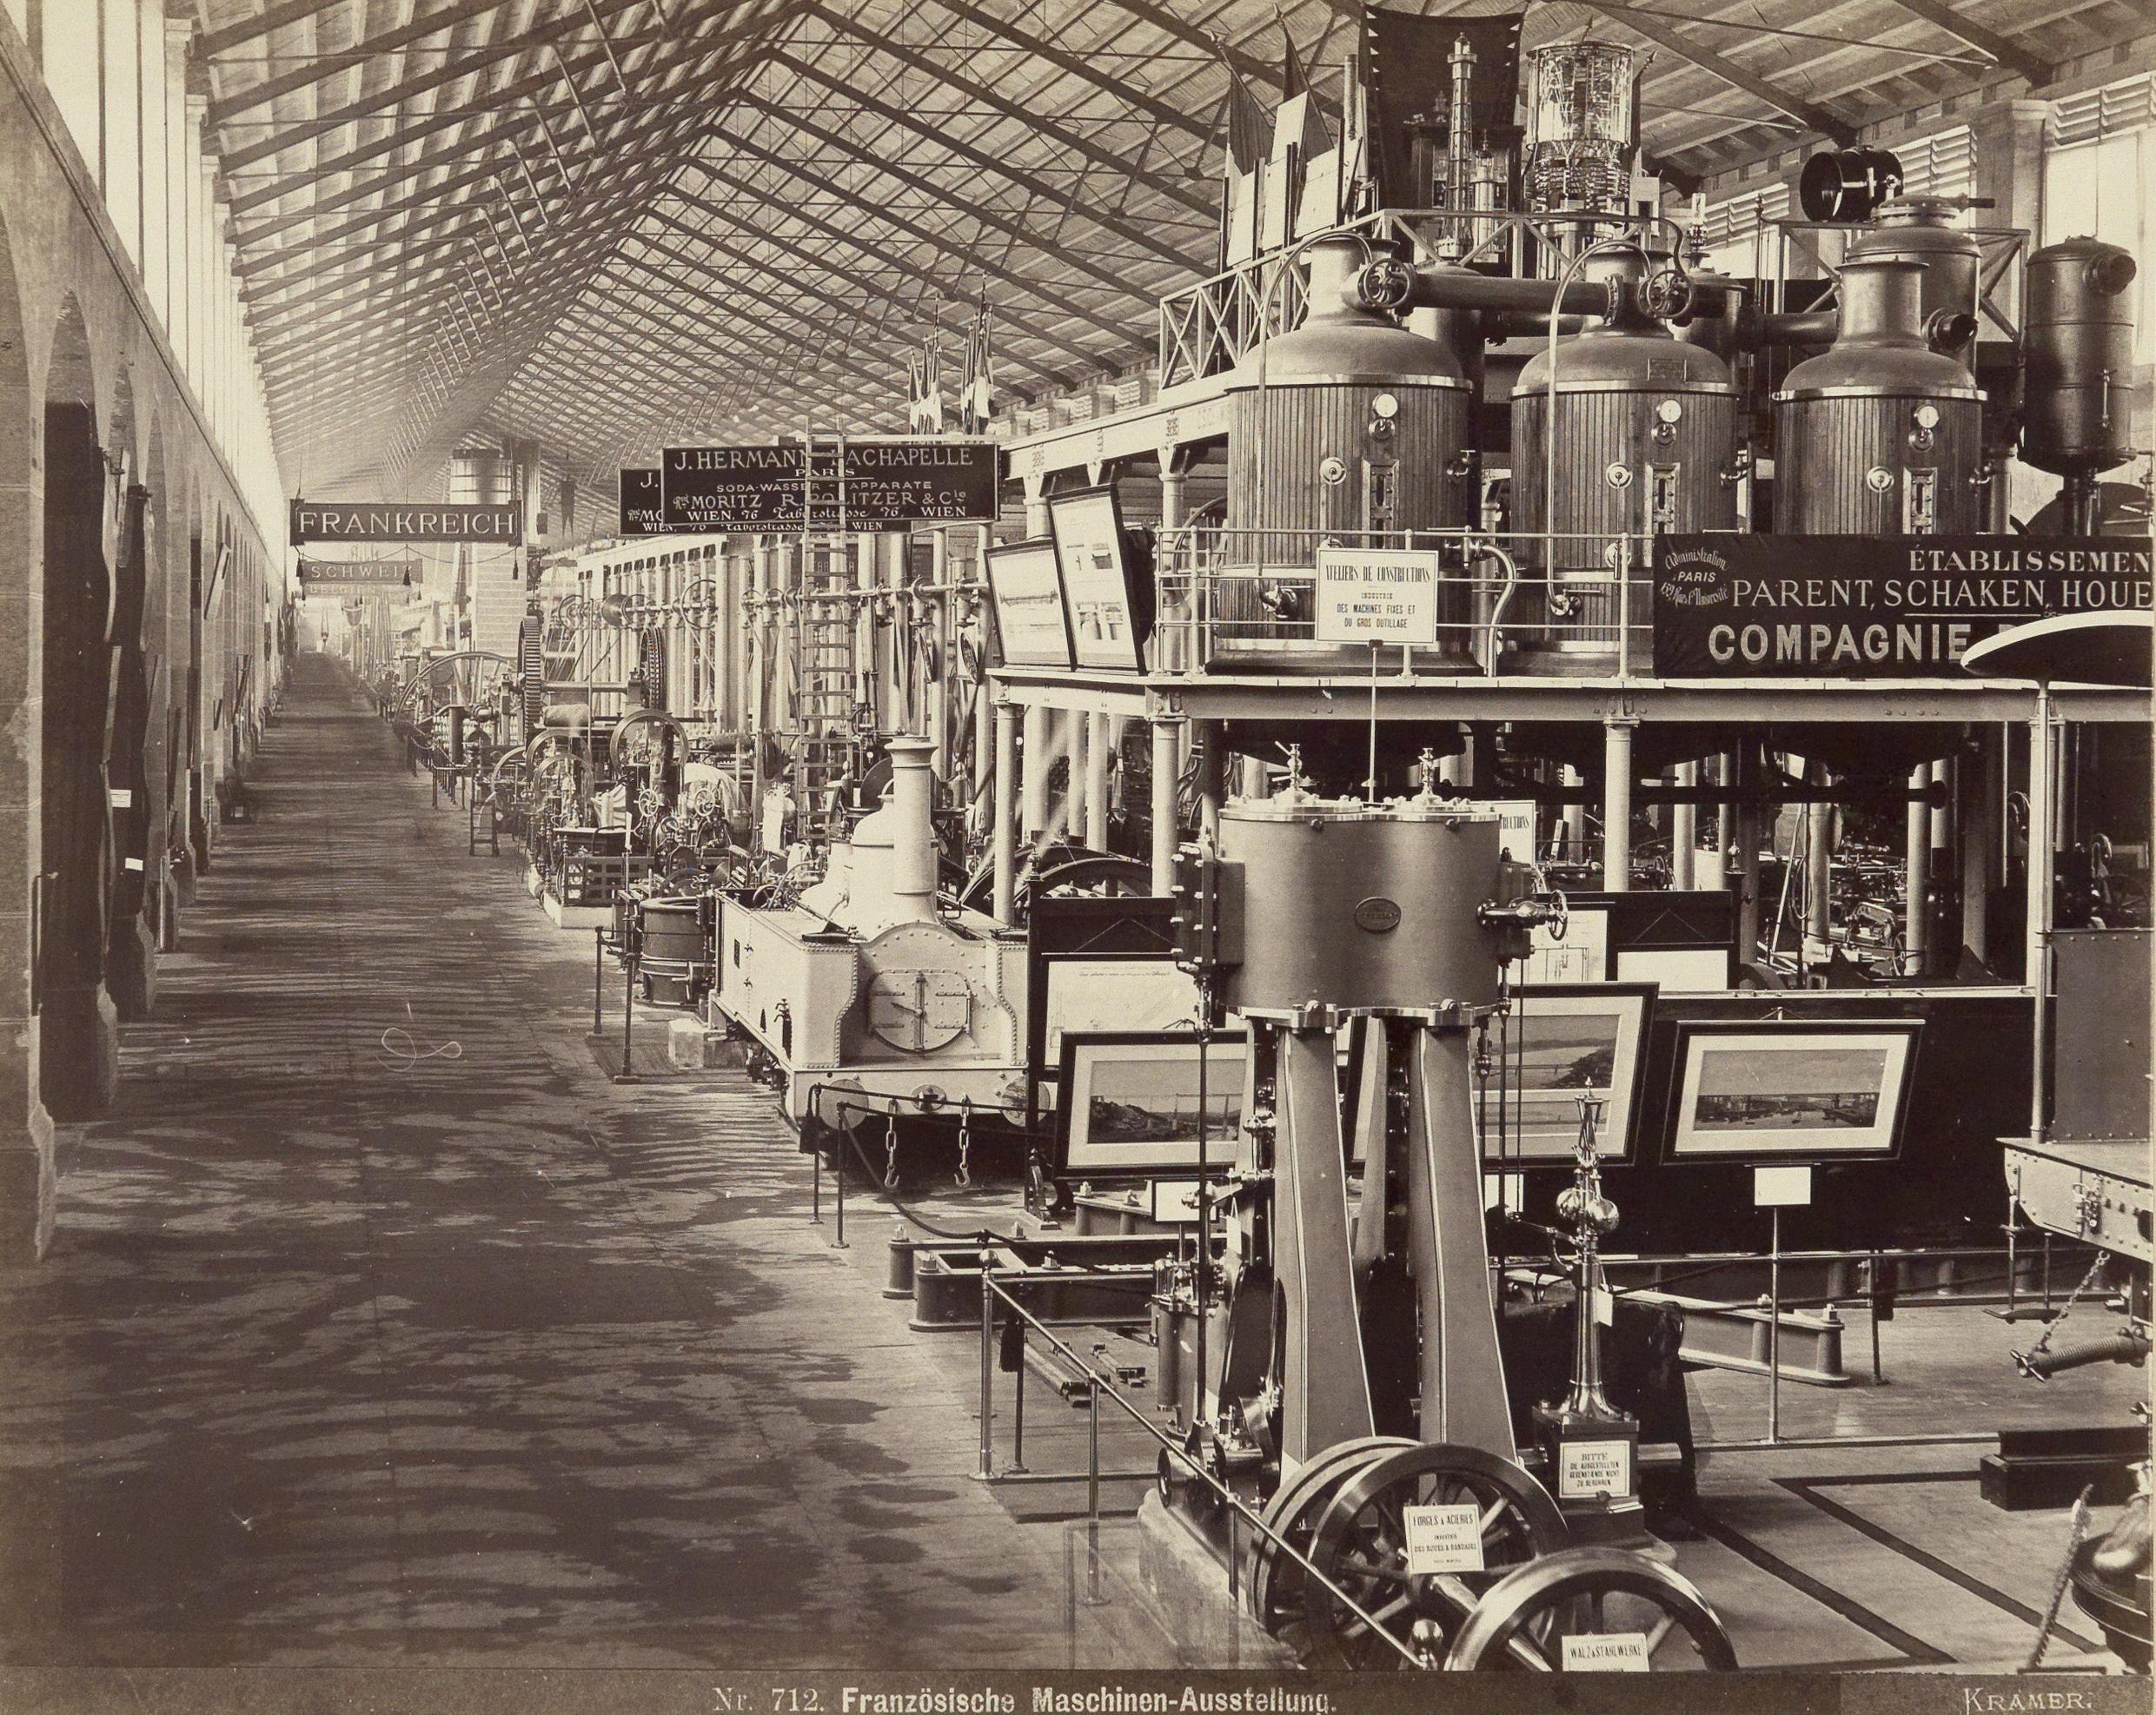 File:Französische Maschinen-Ausstellung Expo Wien 1873.jpg